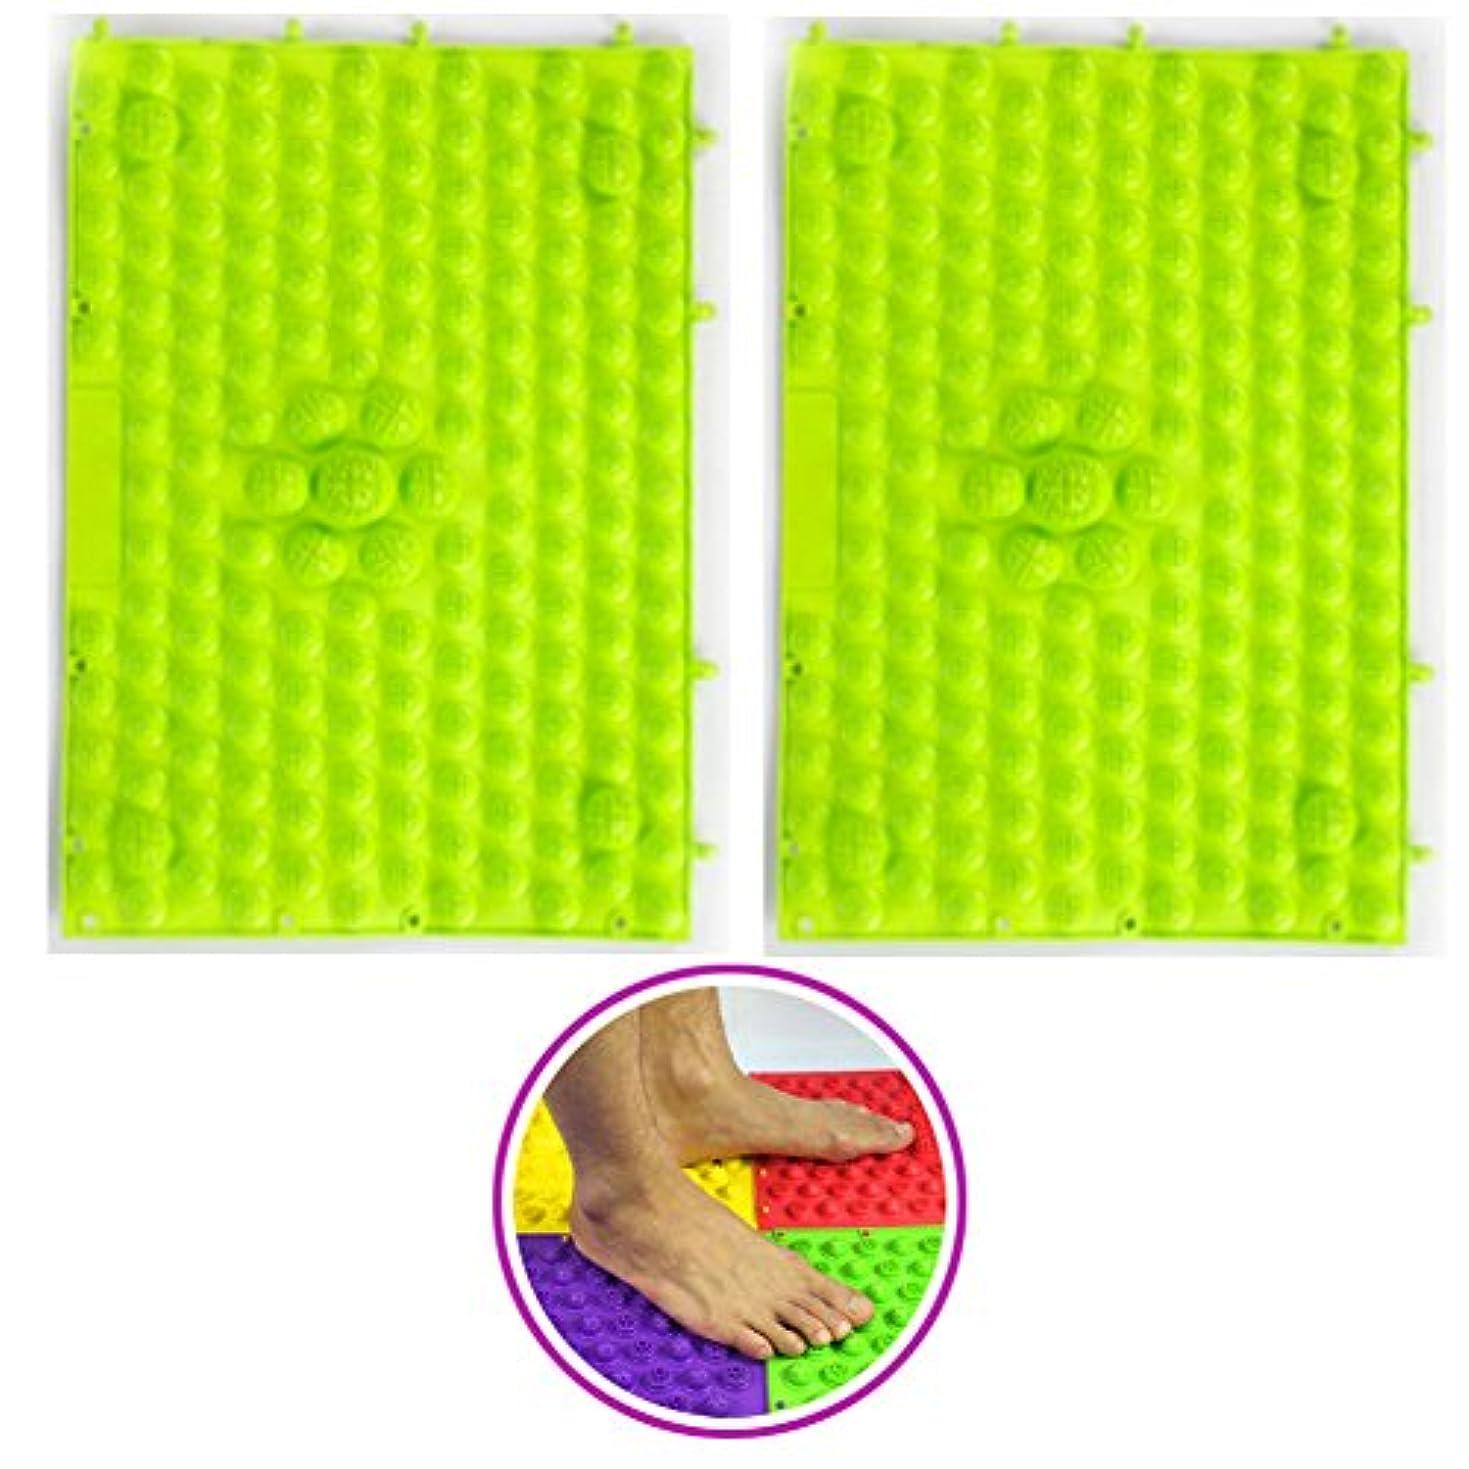 ピクニックインタフェースローン(POMAIKAI) 足つぼマット マッサージシート 健康 ダイエット 足裏マッサージ 2枚セット(グリーン)